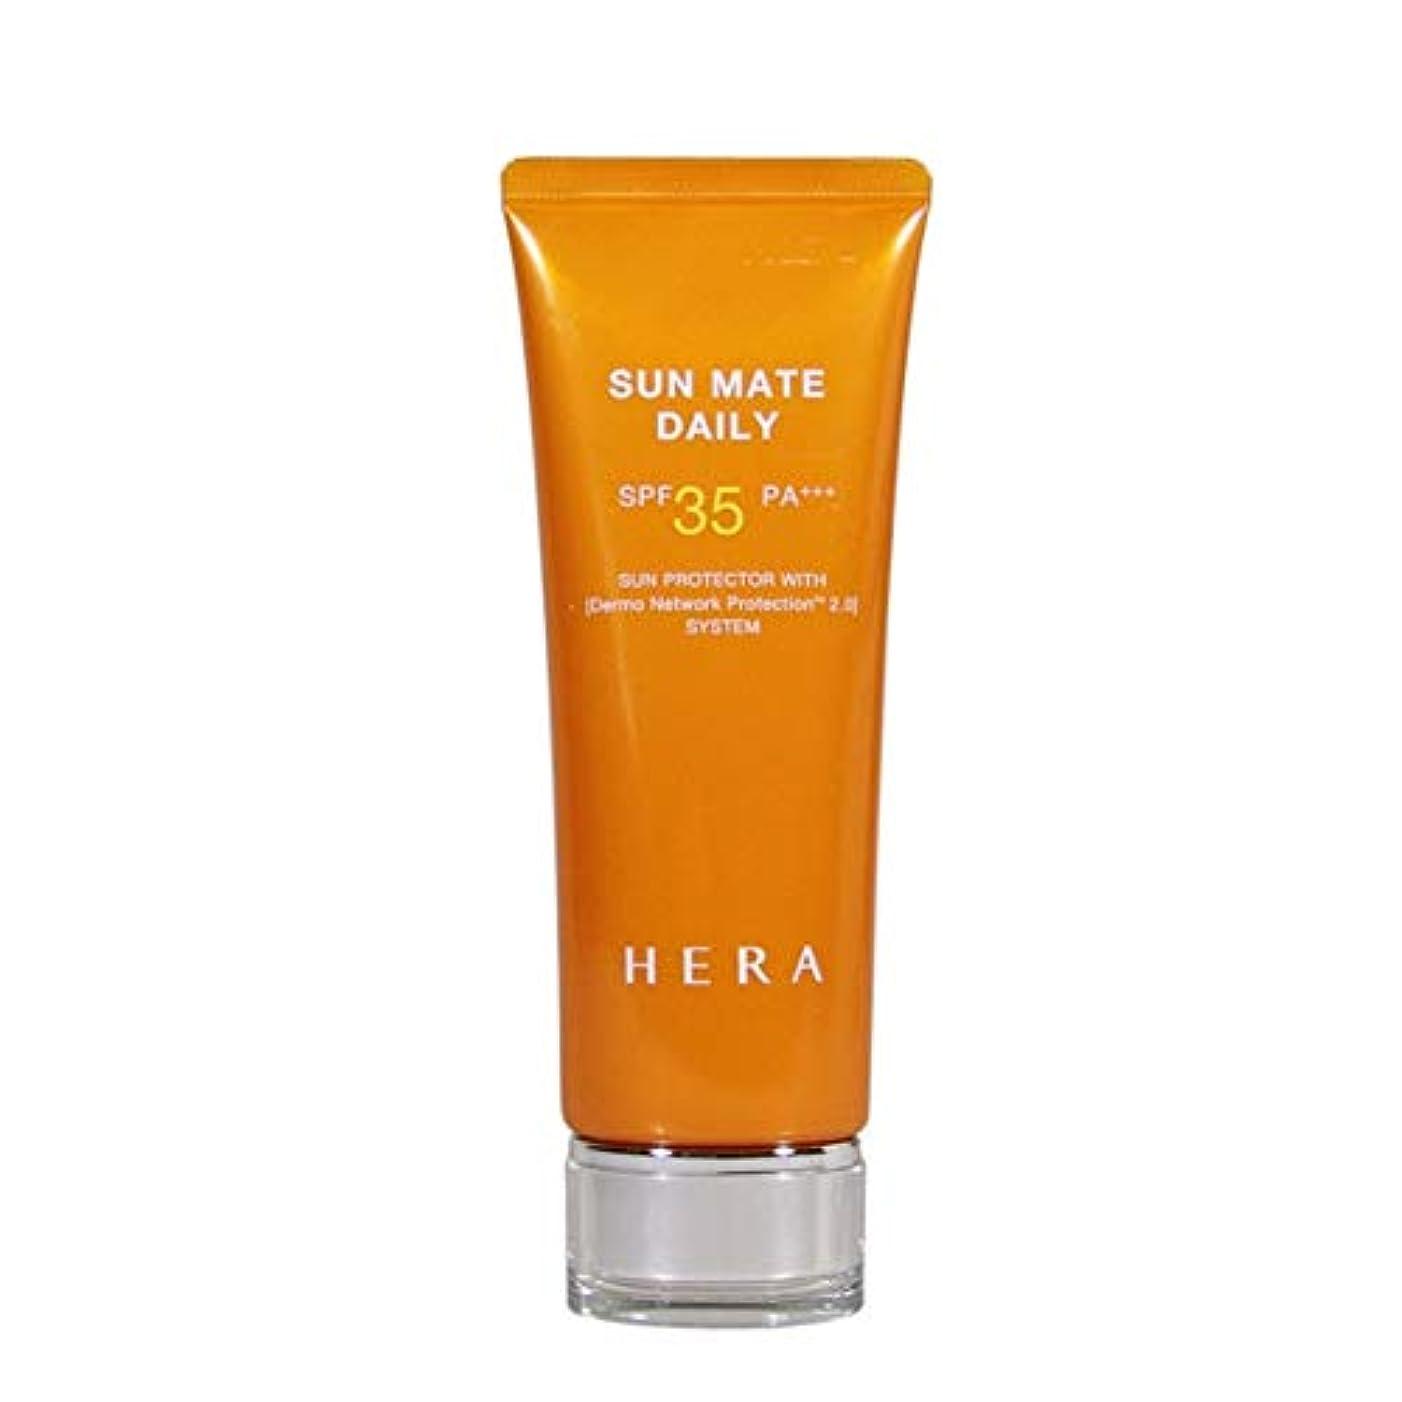 治すお手伝いさんクールヘラサンメイトデイリー70mlサンクリーム韓国コスメ、Hera Sun Mate Daily 70ml Sun Cream Korean Cosmetics [並行輸入品]